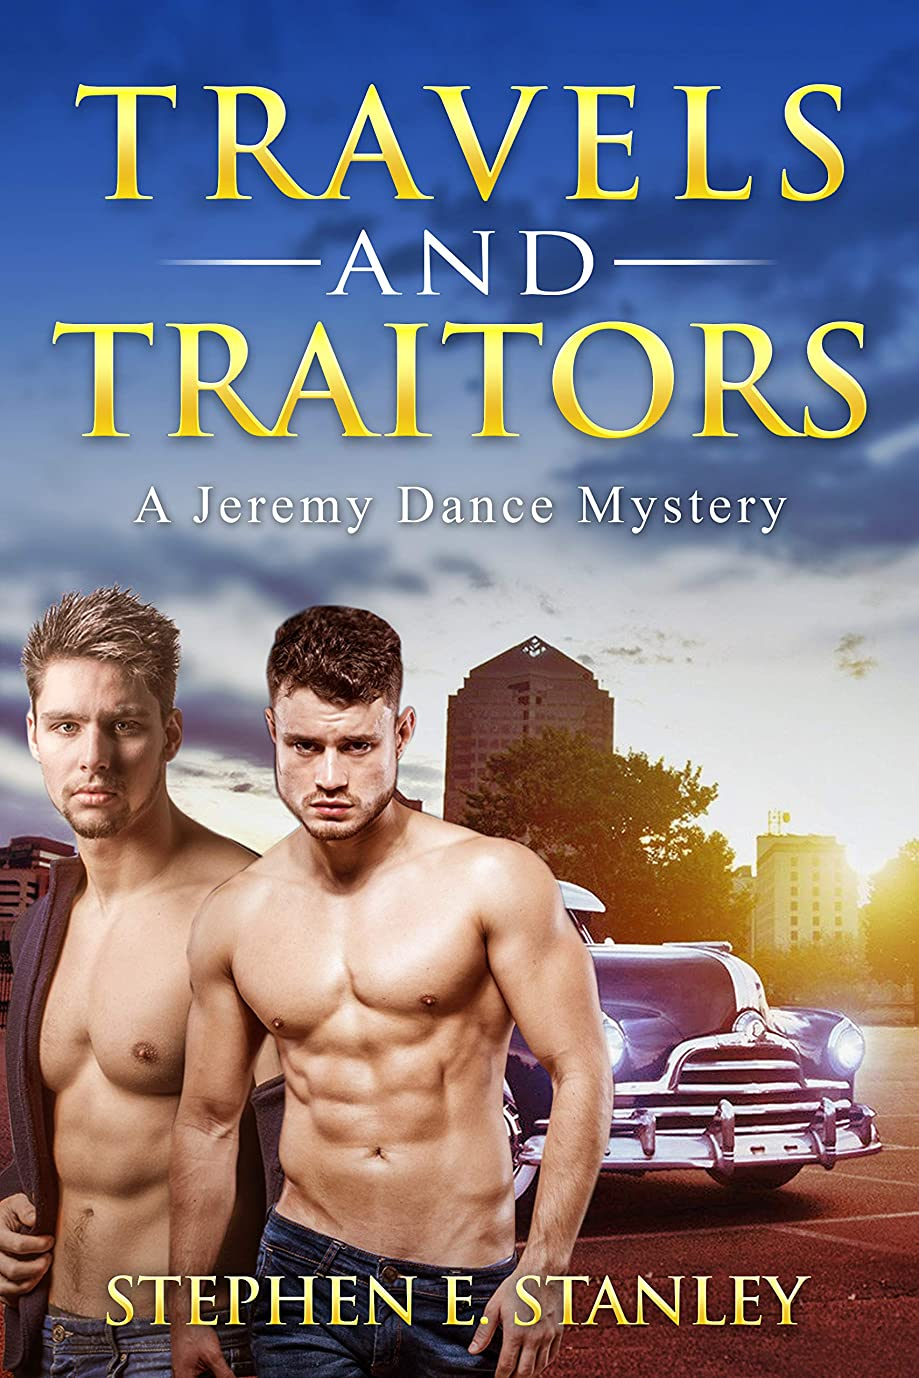 お嬢高度な経度Travels and Traitors: A Jeremy Dance Mystery (The Jeremy Dance Mysteries Book 6) (English Edition)